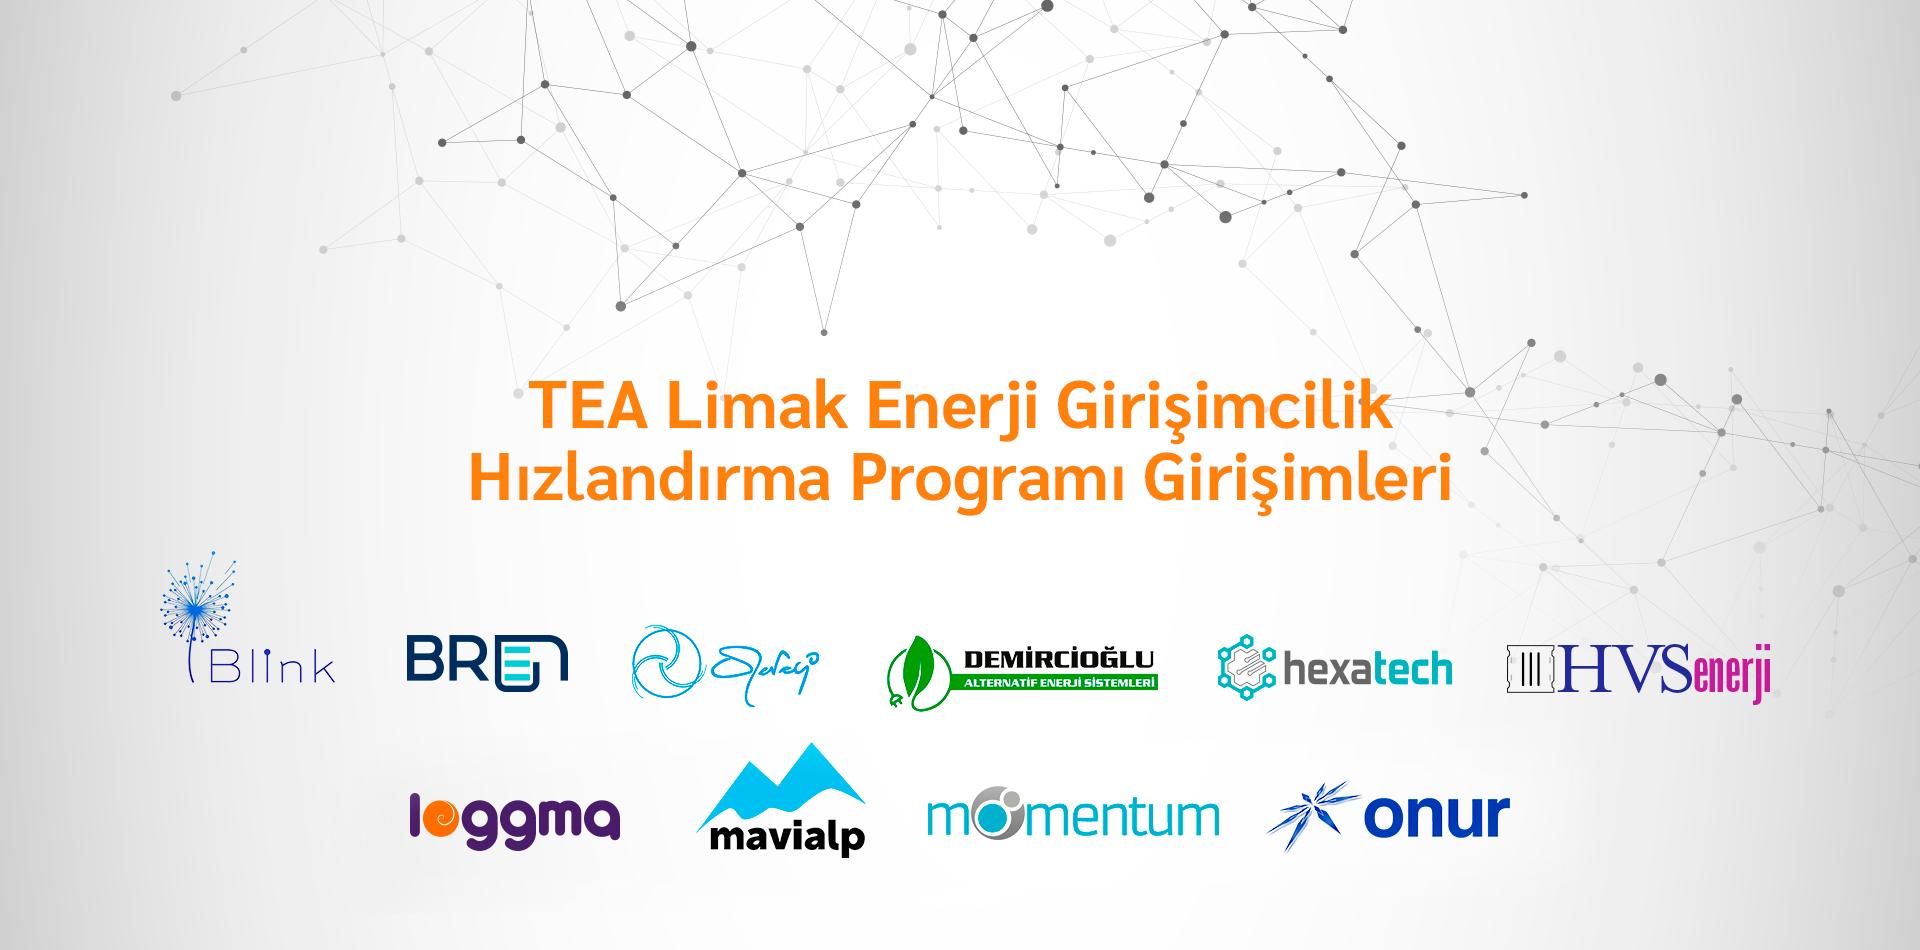 TEA Limak Enerji Girişimcilik Hızlandırma Programı Seçilen 10 Takım